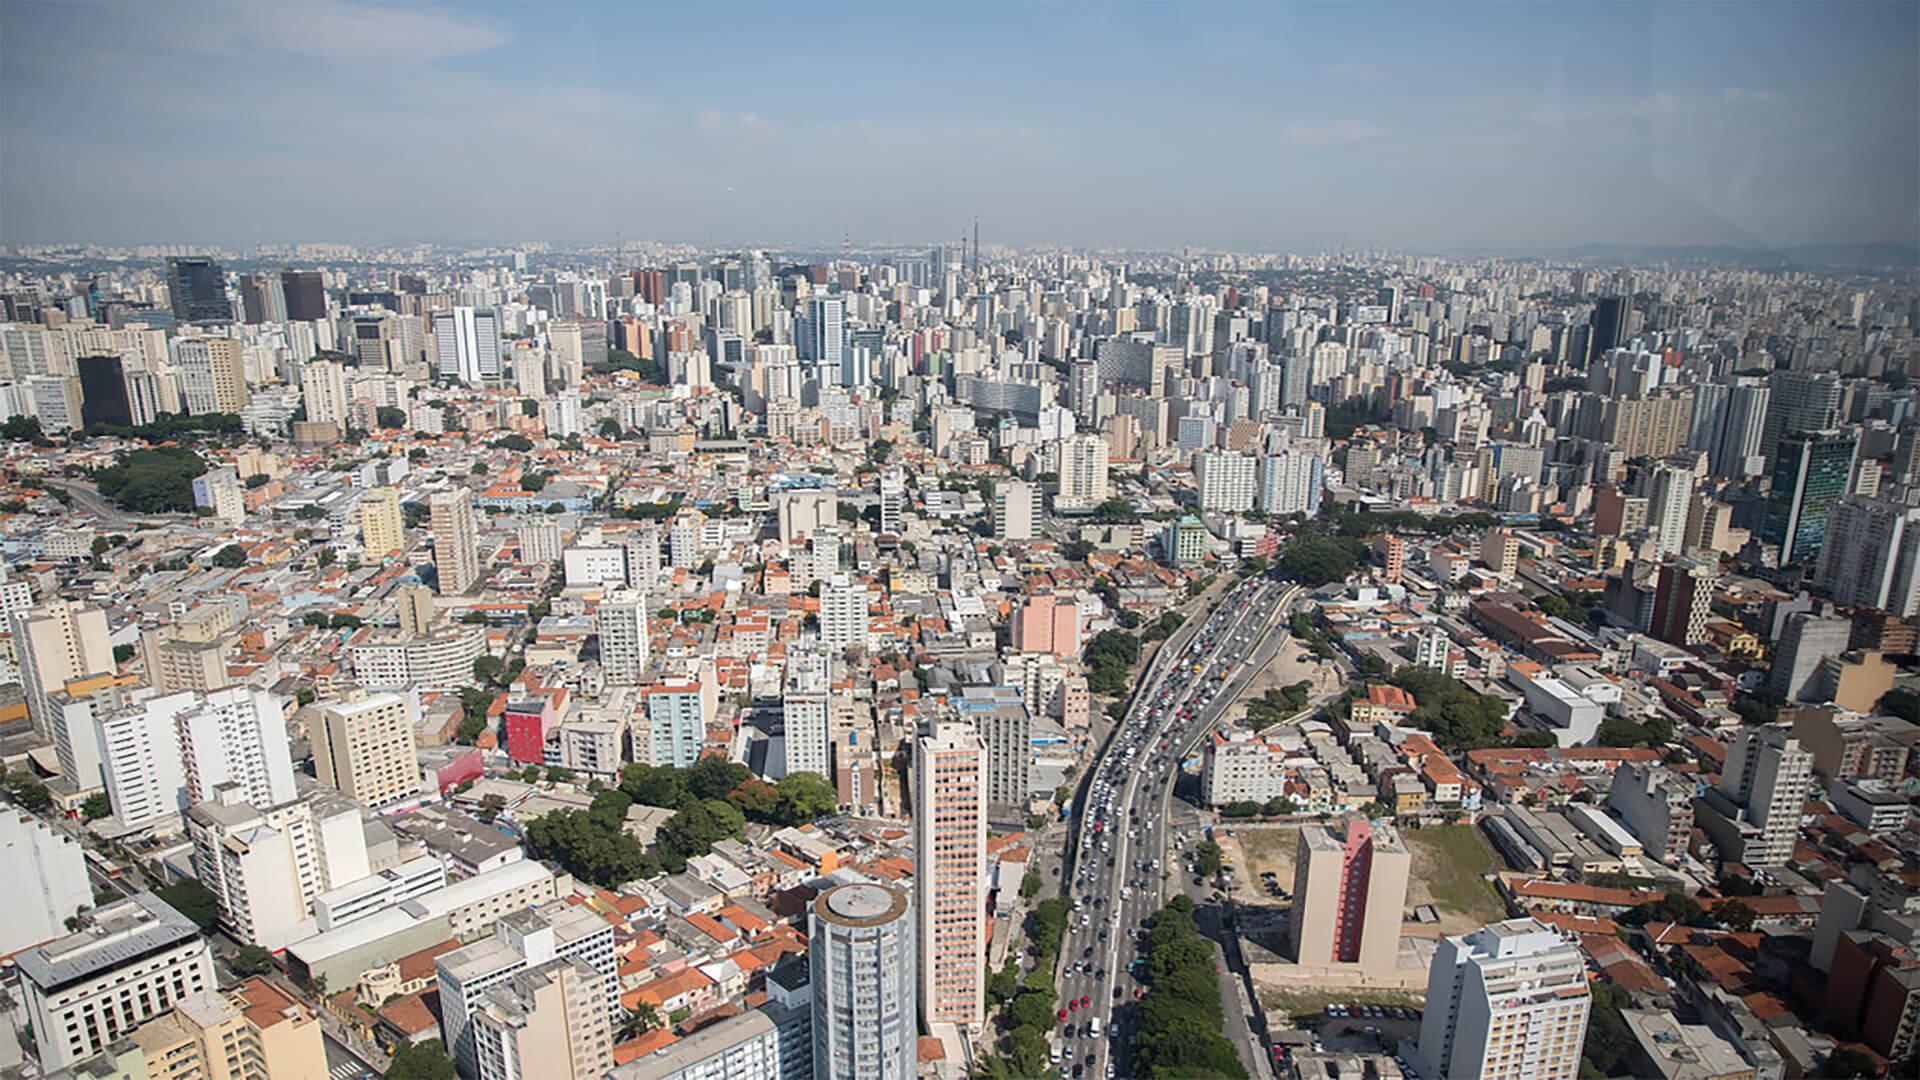 imagem aérea da cidade de São Paulo - SP